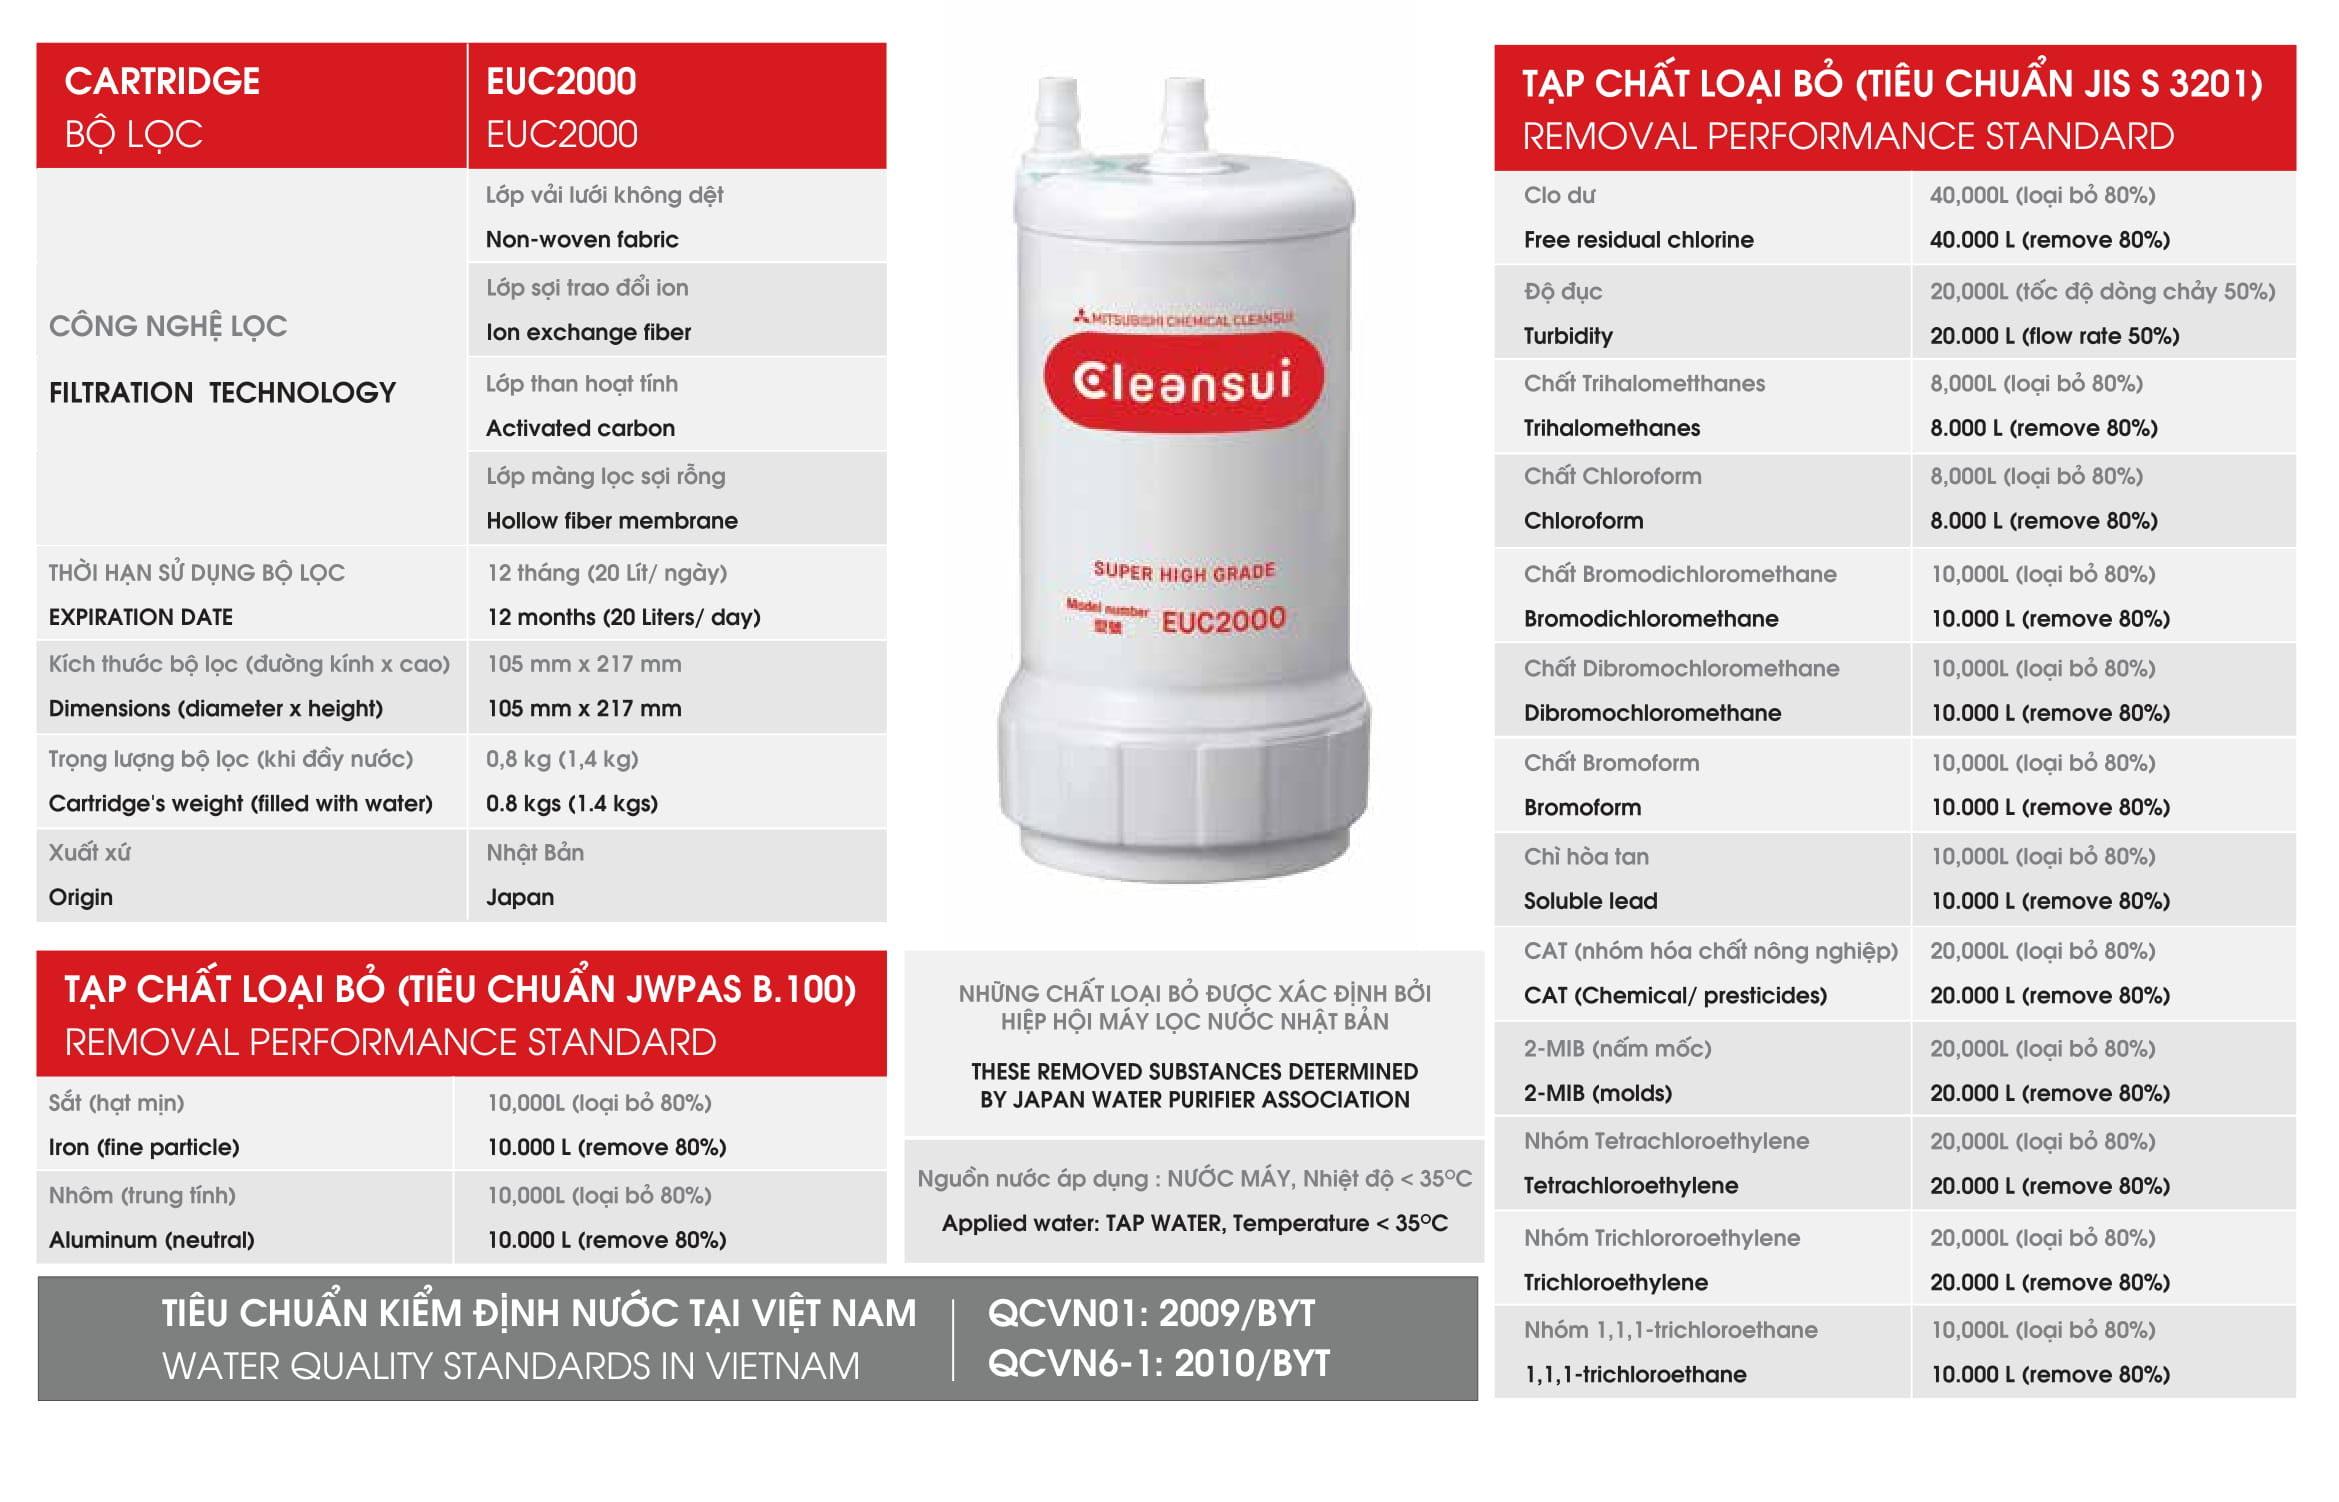 Bộ lọc EUC2000 thiết bị Mitsubishi Cleansui  lọc nước cao cấp EU301, EU201, EU202, EU101, Sensho